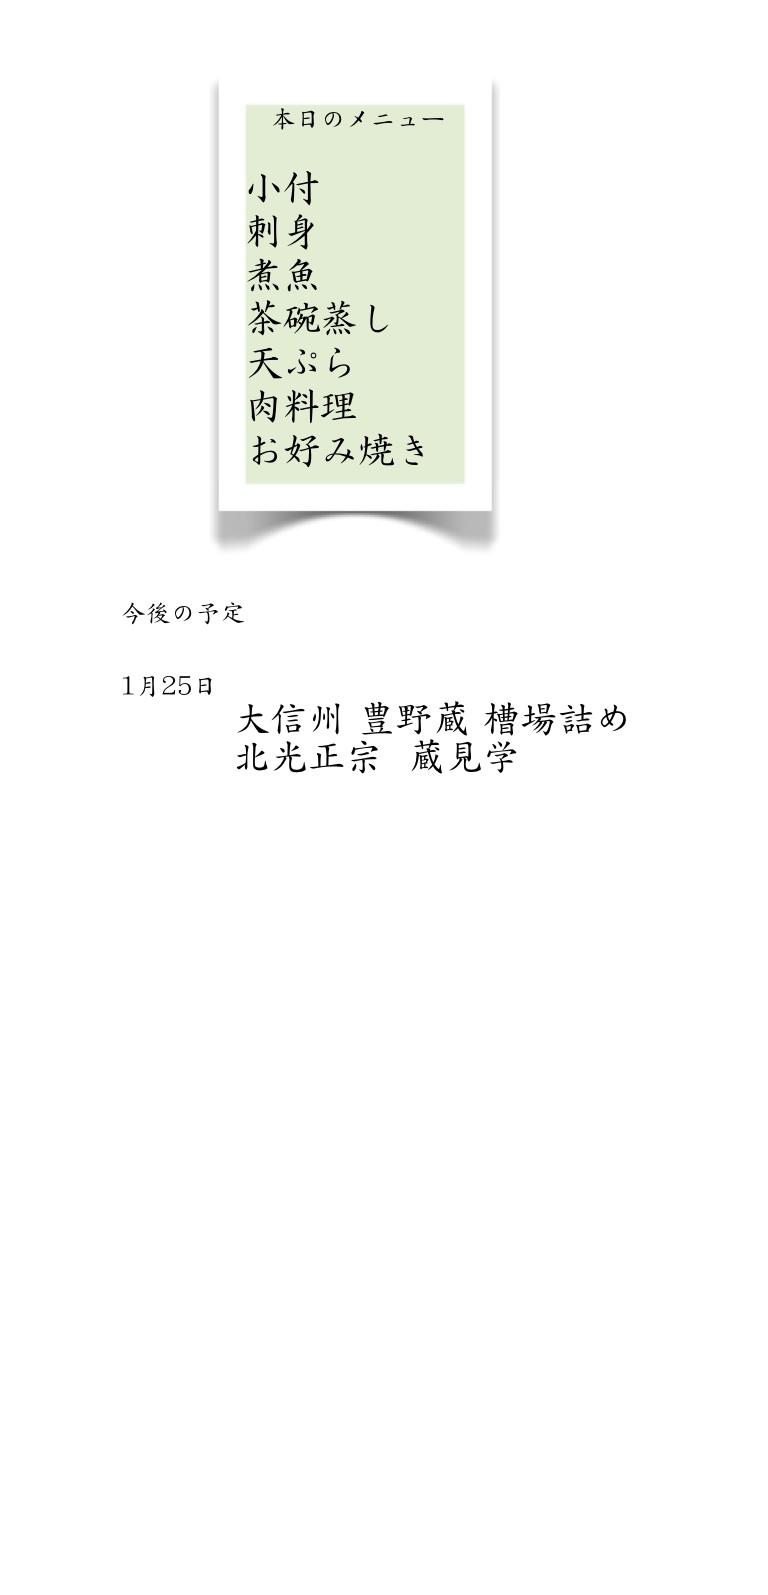 """""""縁・ 猪口の会 15-1.11""""のプレビュー"""